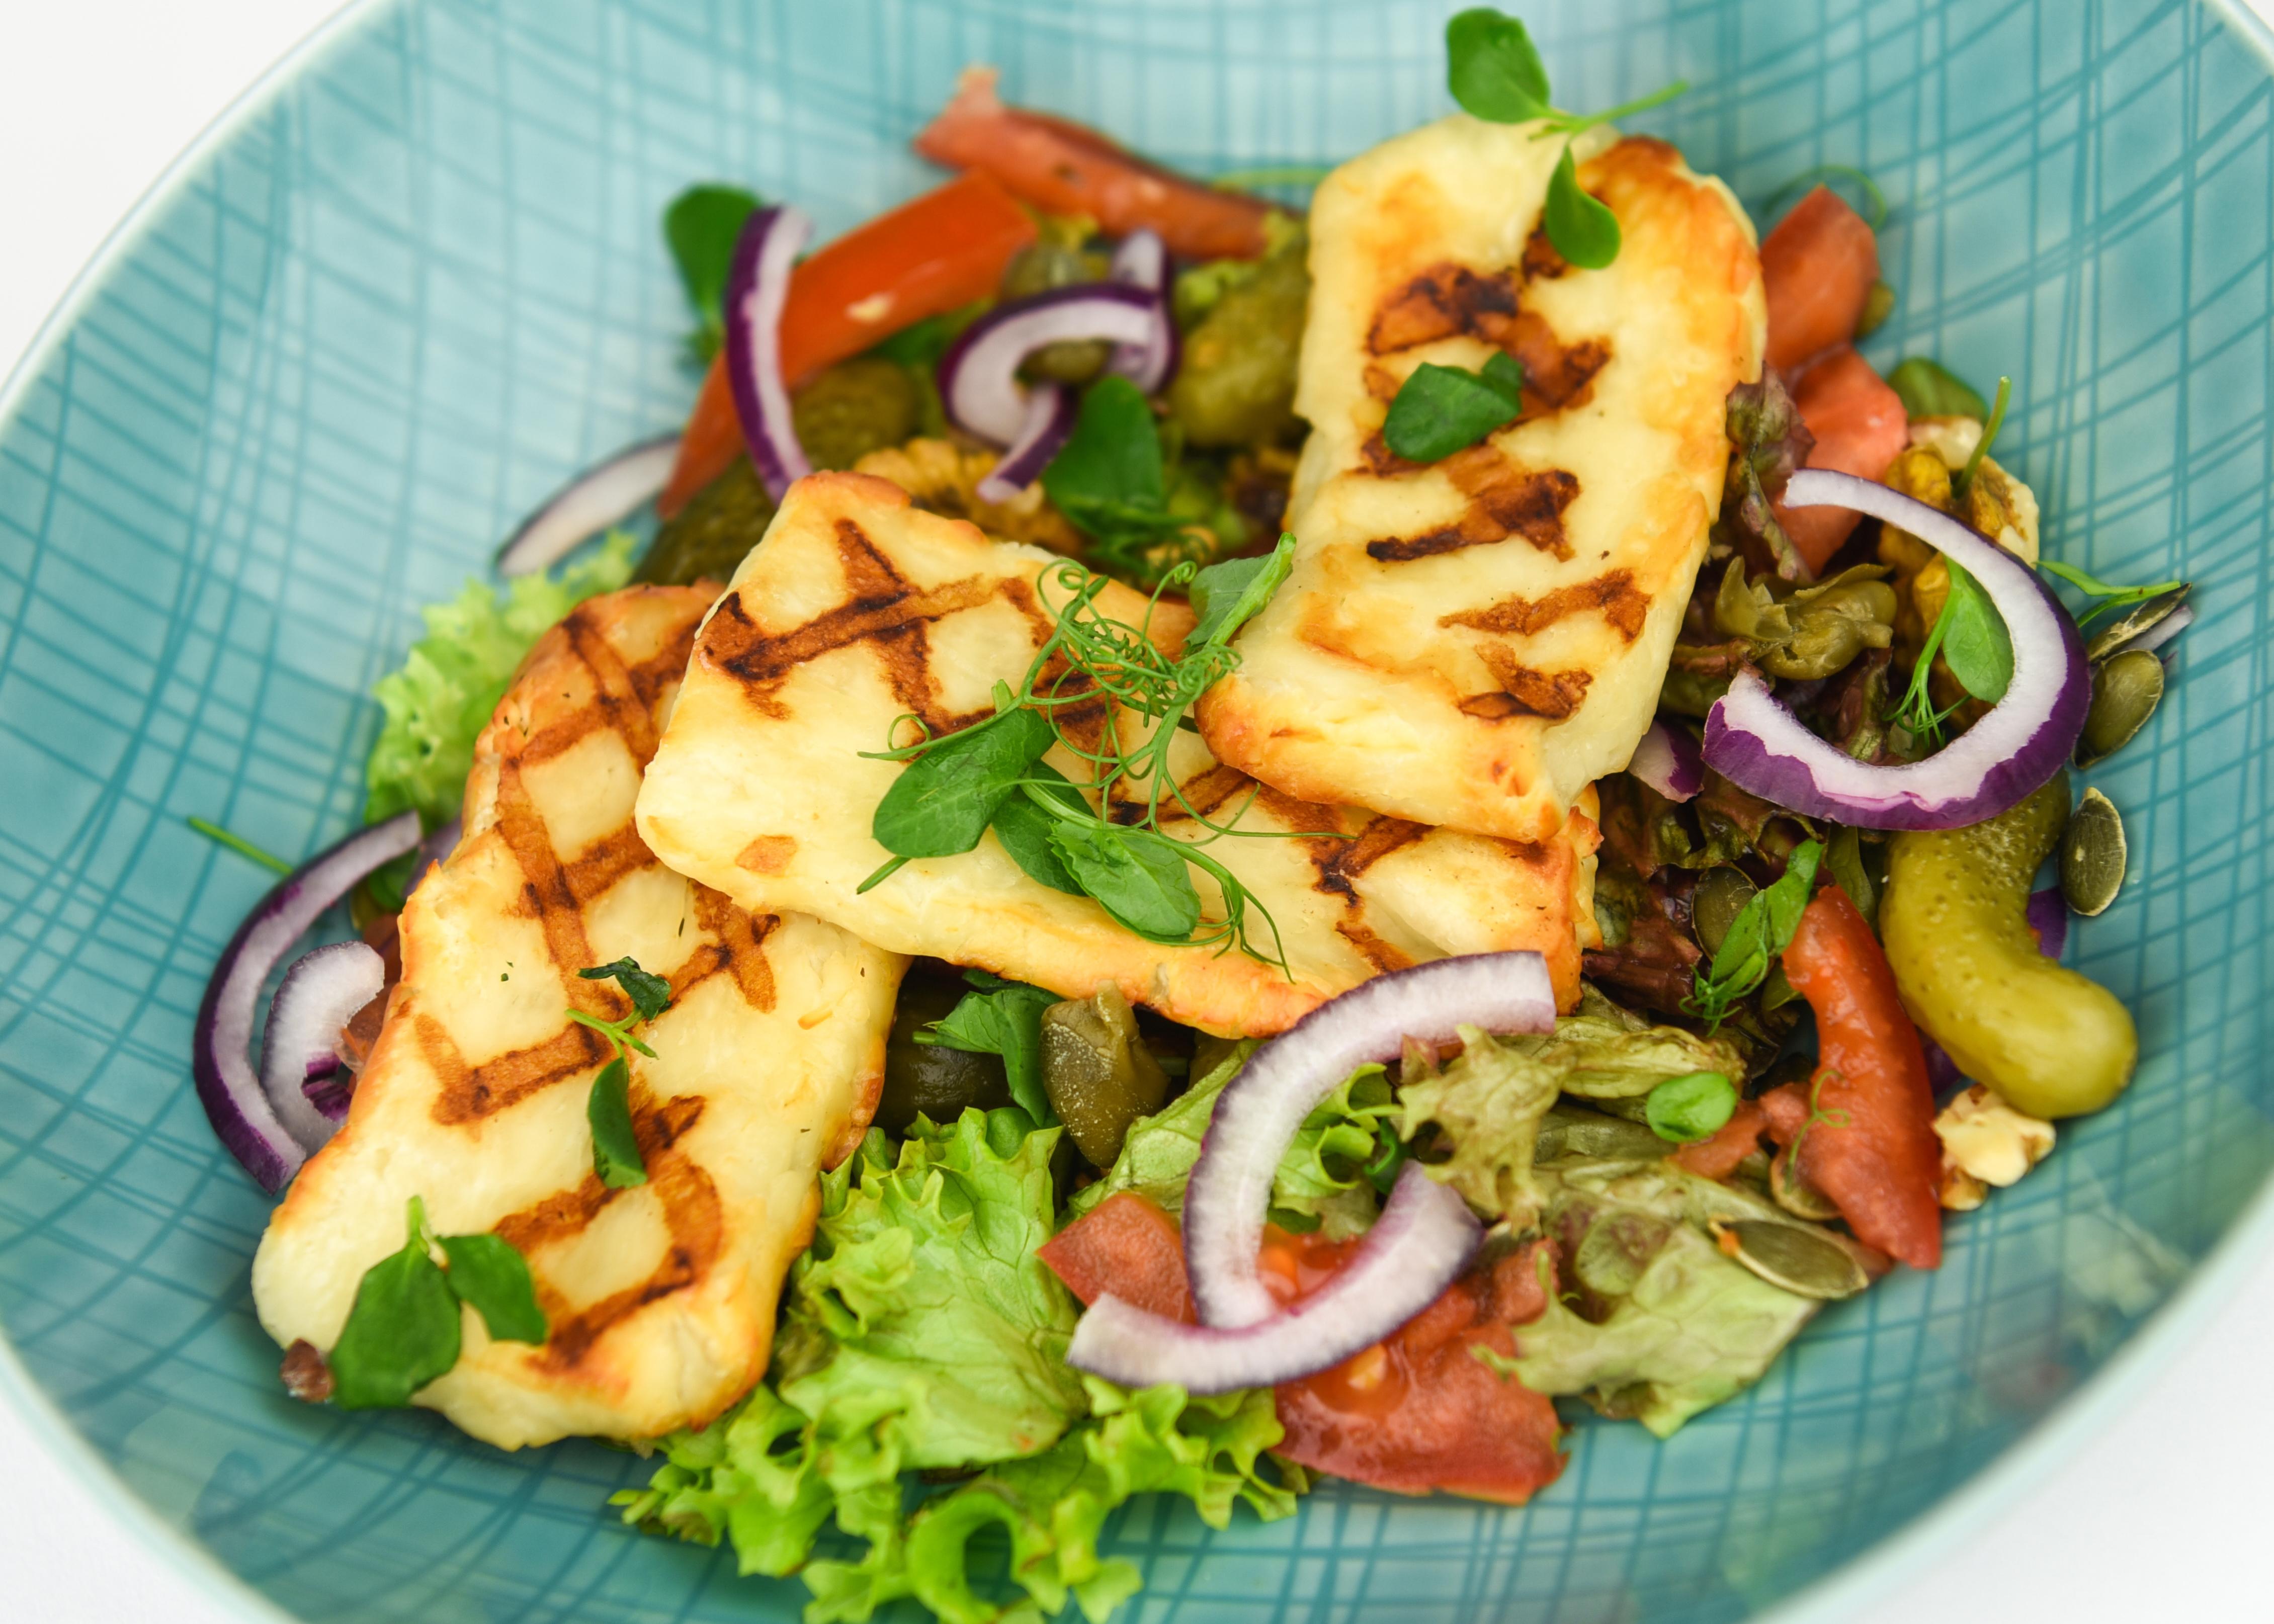 Salade met gegrilde Halloumi met sesamolie & chili vinaigrette.